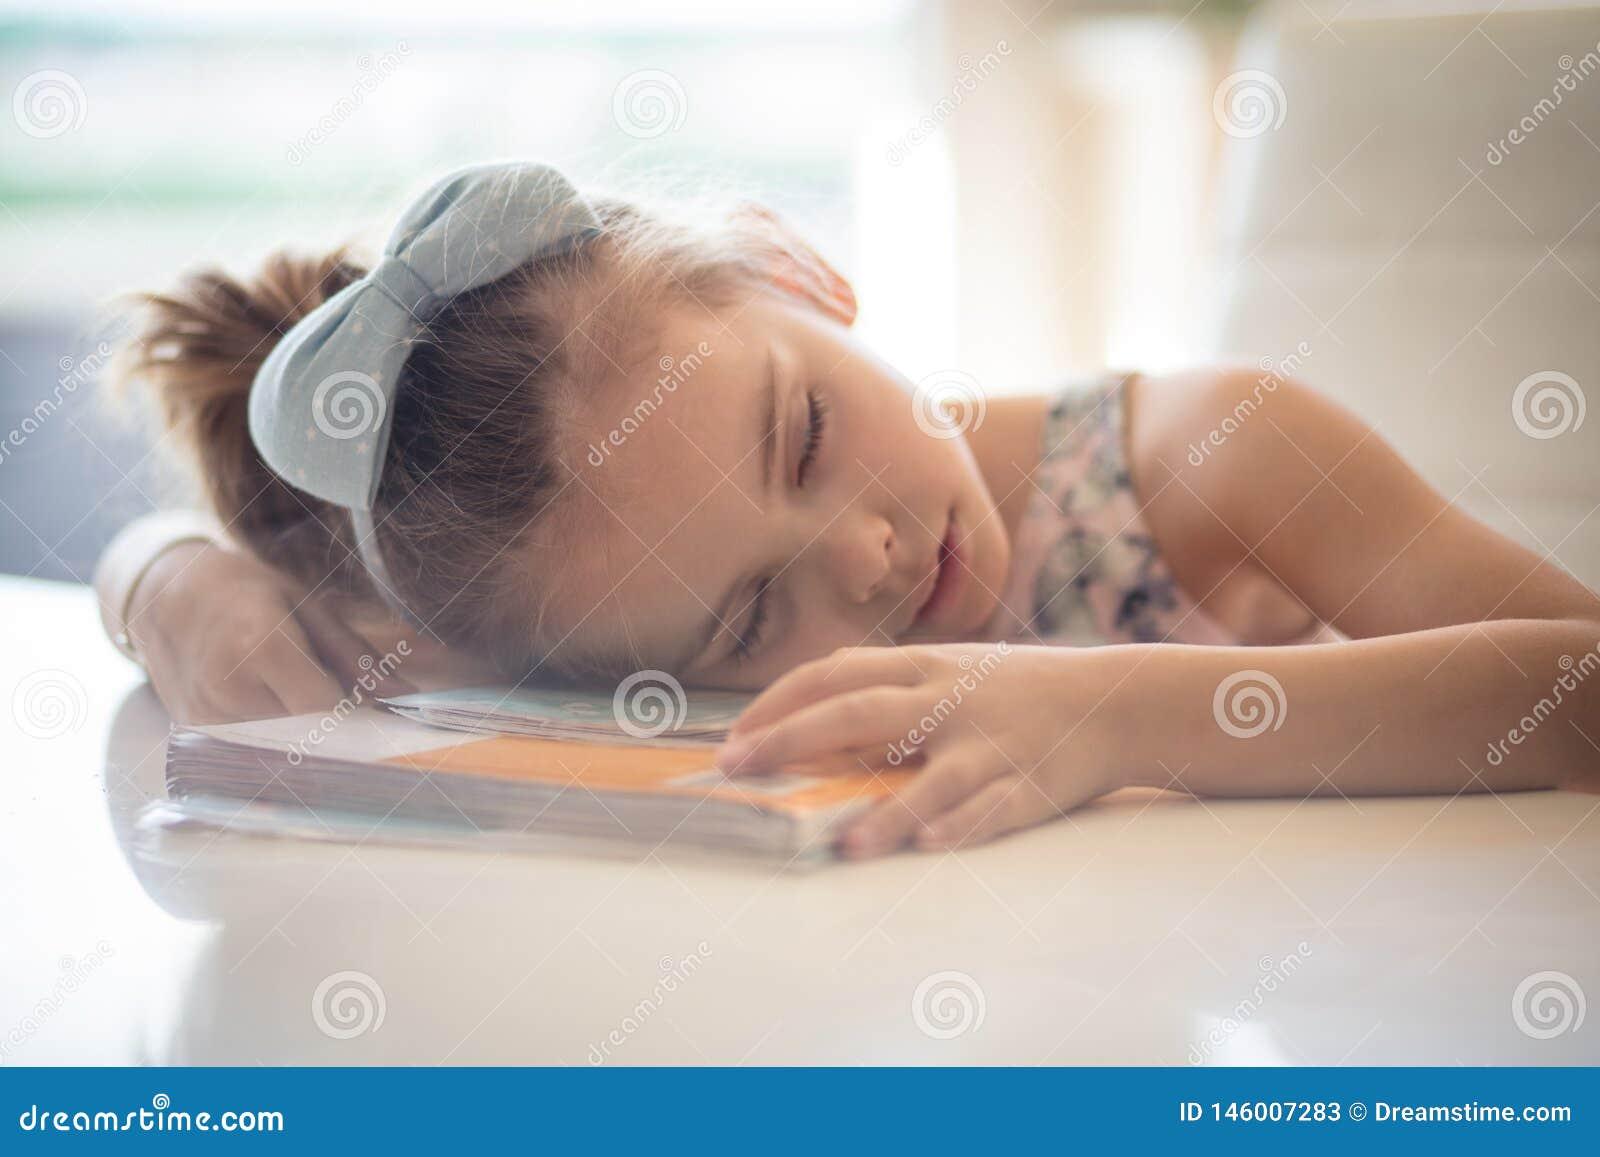 Zij werd vermoeid van lezing